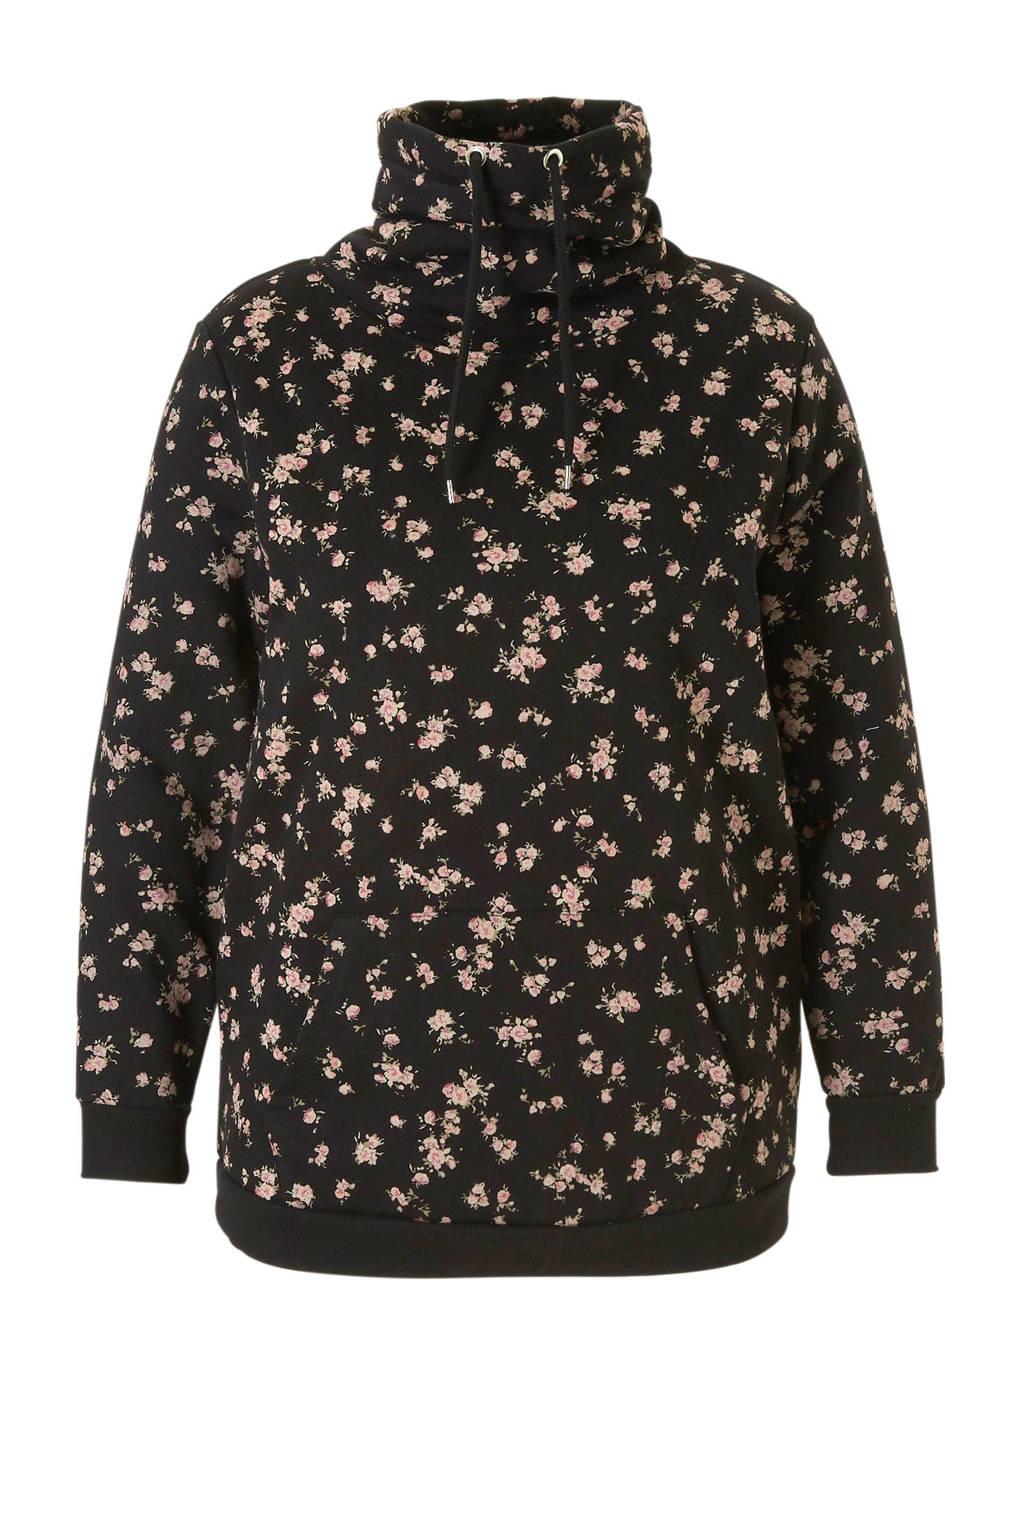 C&A XL Clockhouse sweater met bloemprint zwart, Zwart/ Roze/ Groen